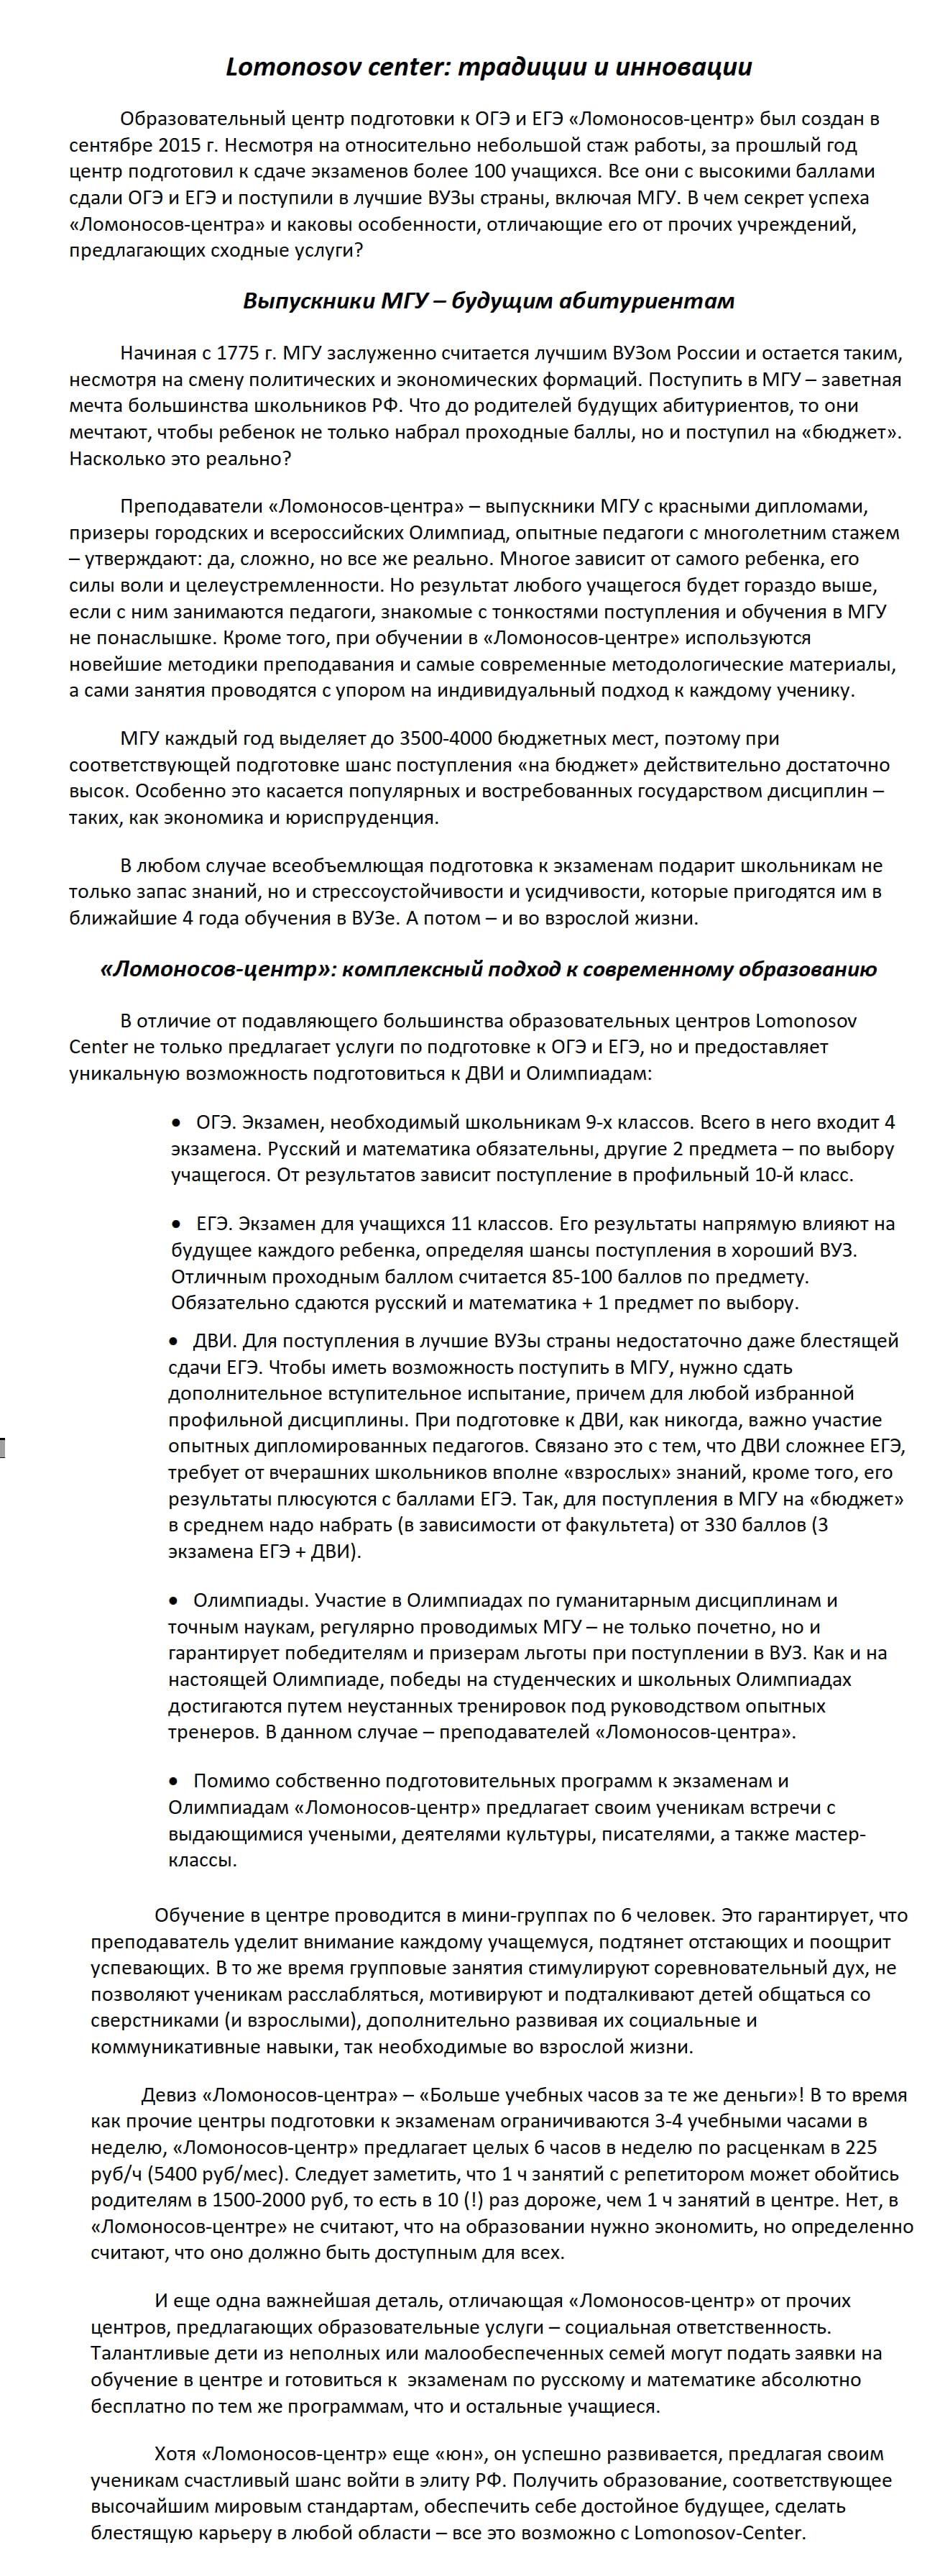 статья, текст, Lomonosov Center, портфолио копирайтера